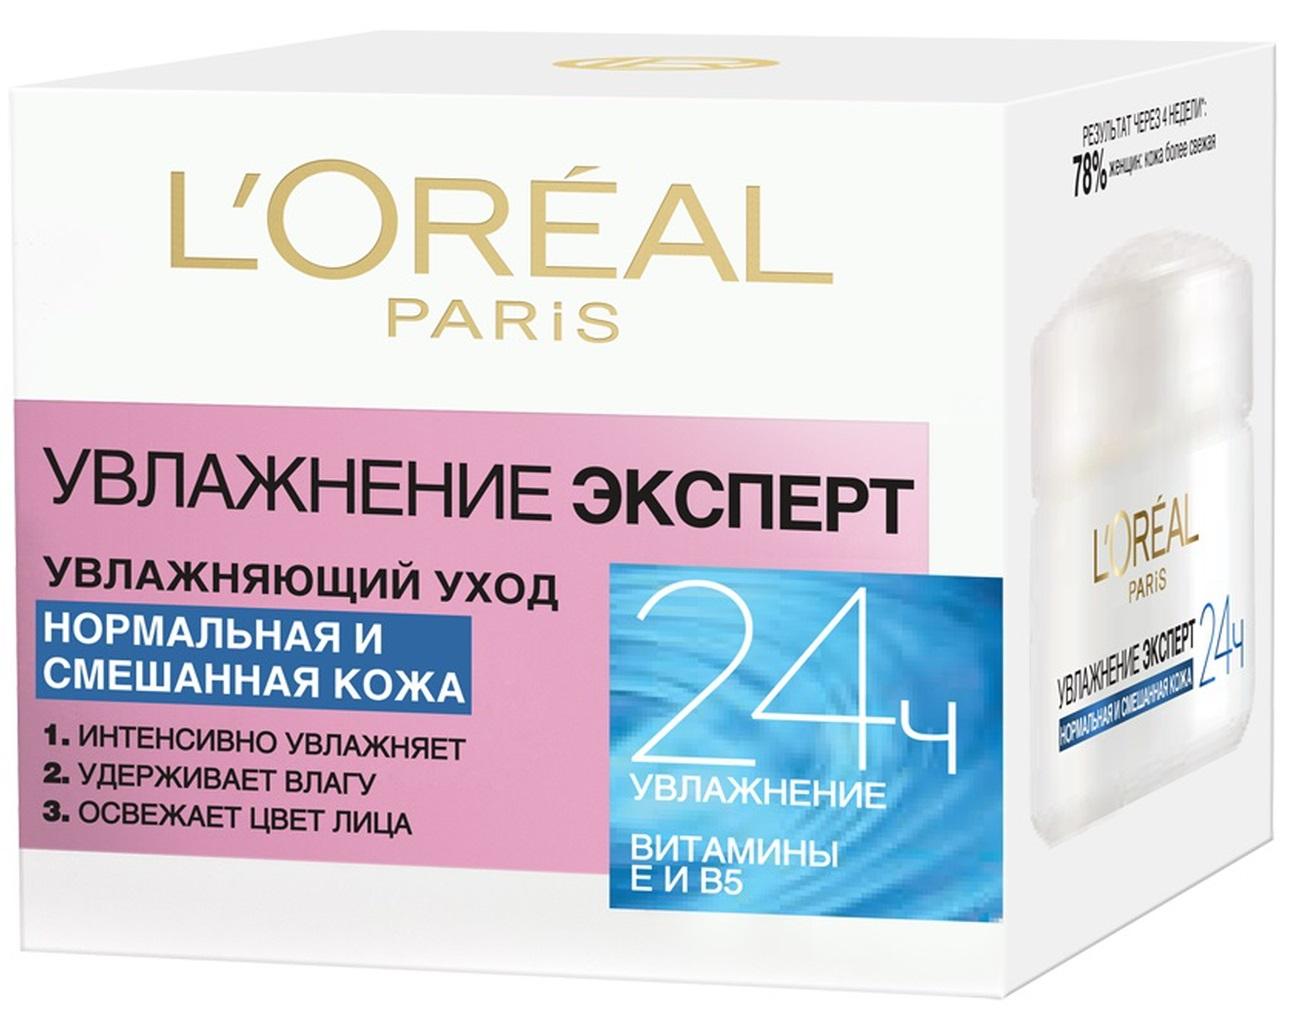 LOreal Paris Увлажнение Эксперт Дневной крем для лица для нормальной и смешанной кожи, 50 млA4509916Крем для лица «Увлажнение Эксперт» — отличное средство для базового ежедневного ухода за нормальной и комбинированной кожей. Профессиональная формула, включающая в себя витамин B5 и Керамиды, оказывает тройное действие:1) Интенсивно увлажняет кожу и защищает от вредного влияния окружающей среды; 2) Освежает цвет лица, придавая нежное естественное сияние; 3) Дарит вашей коже комфорт, гладкость и эластичность.